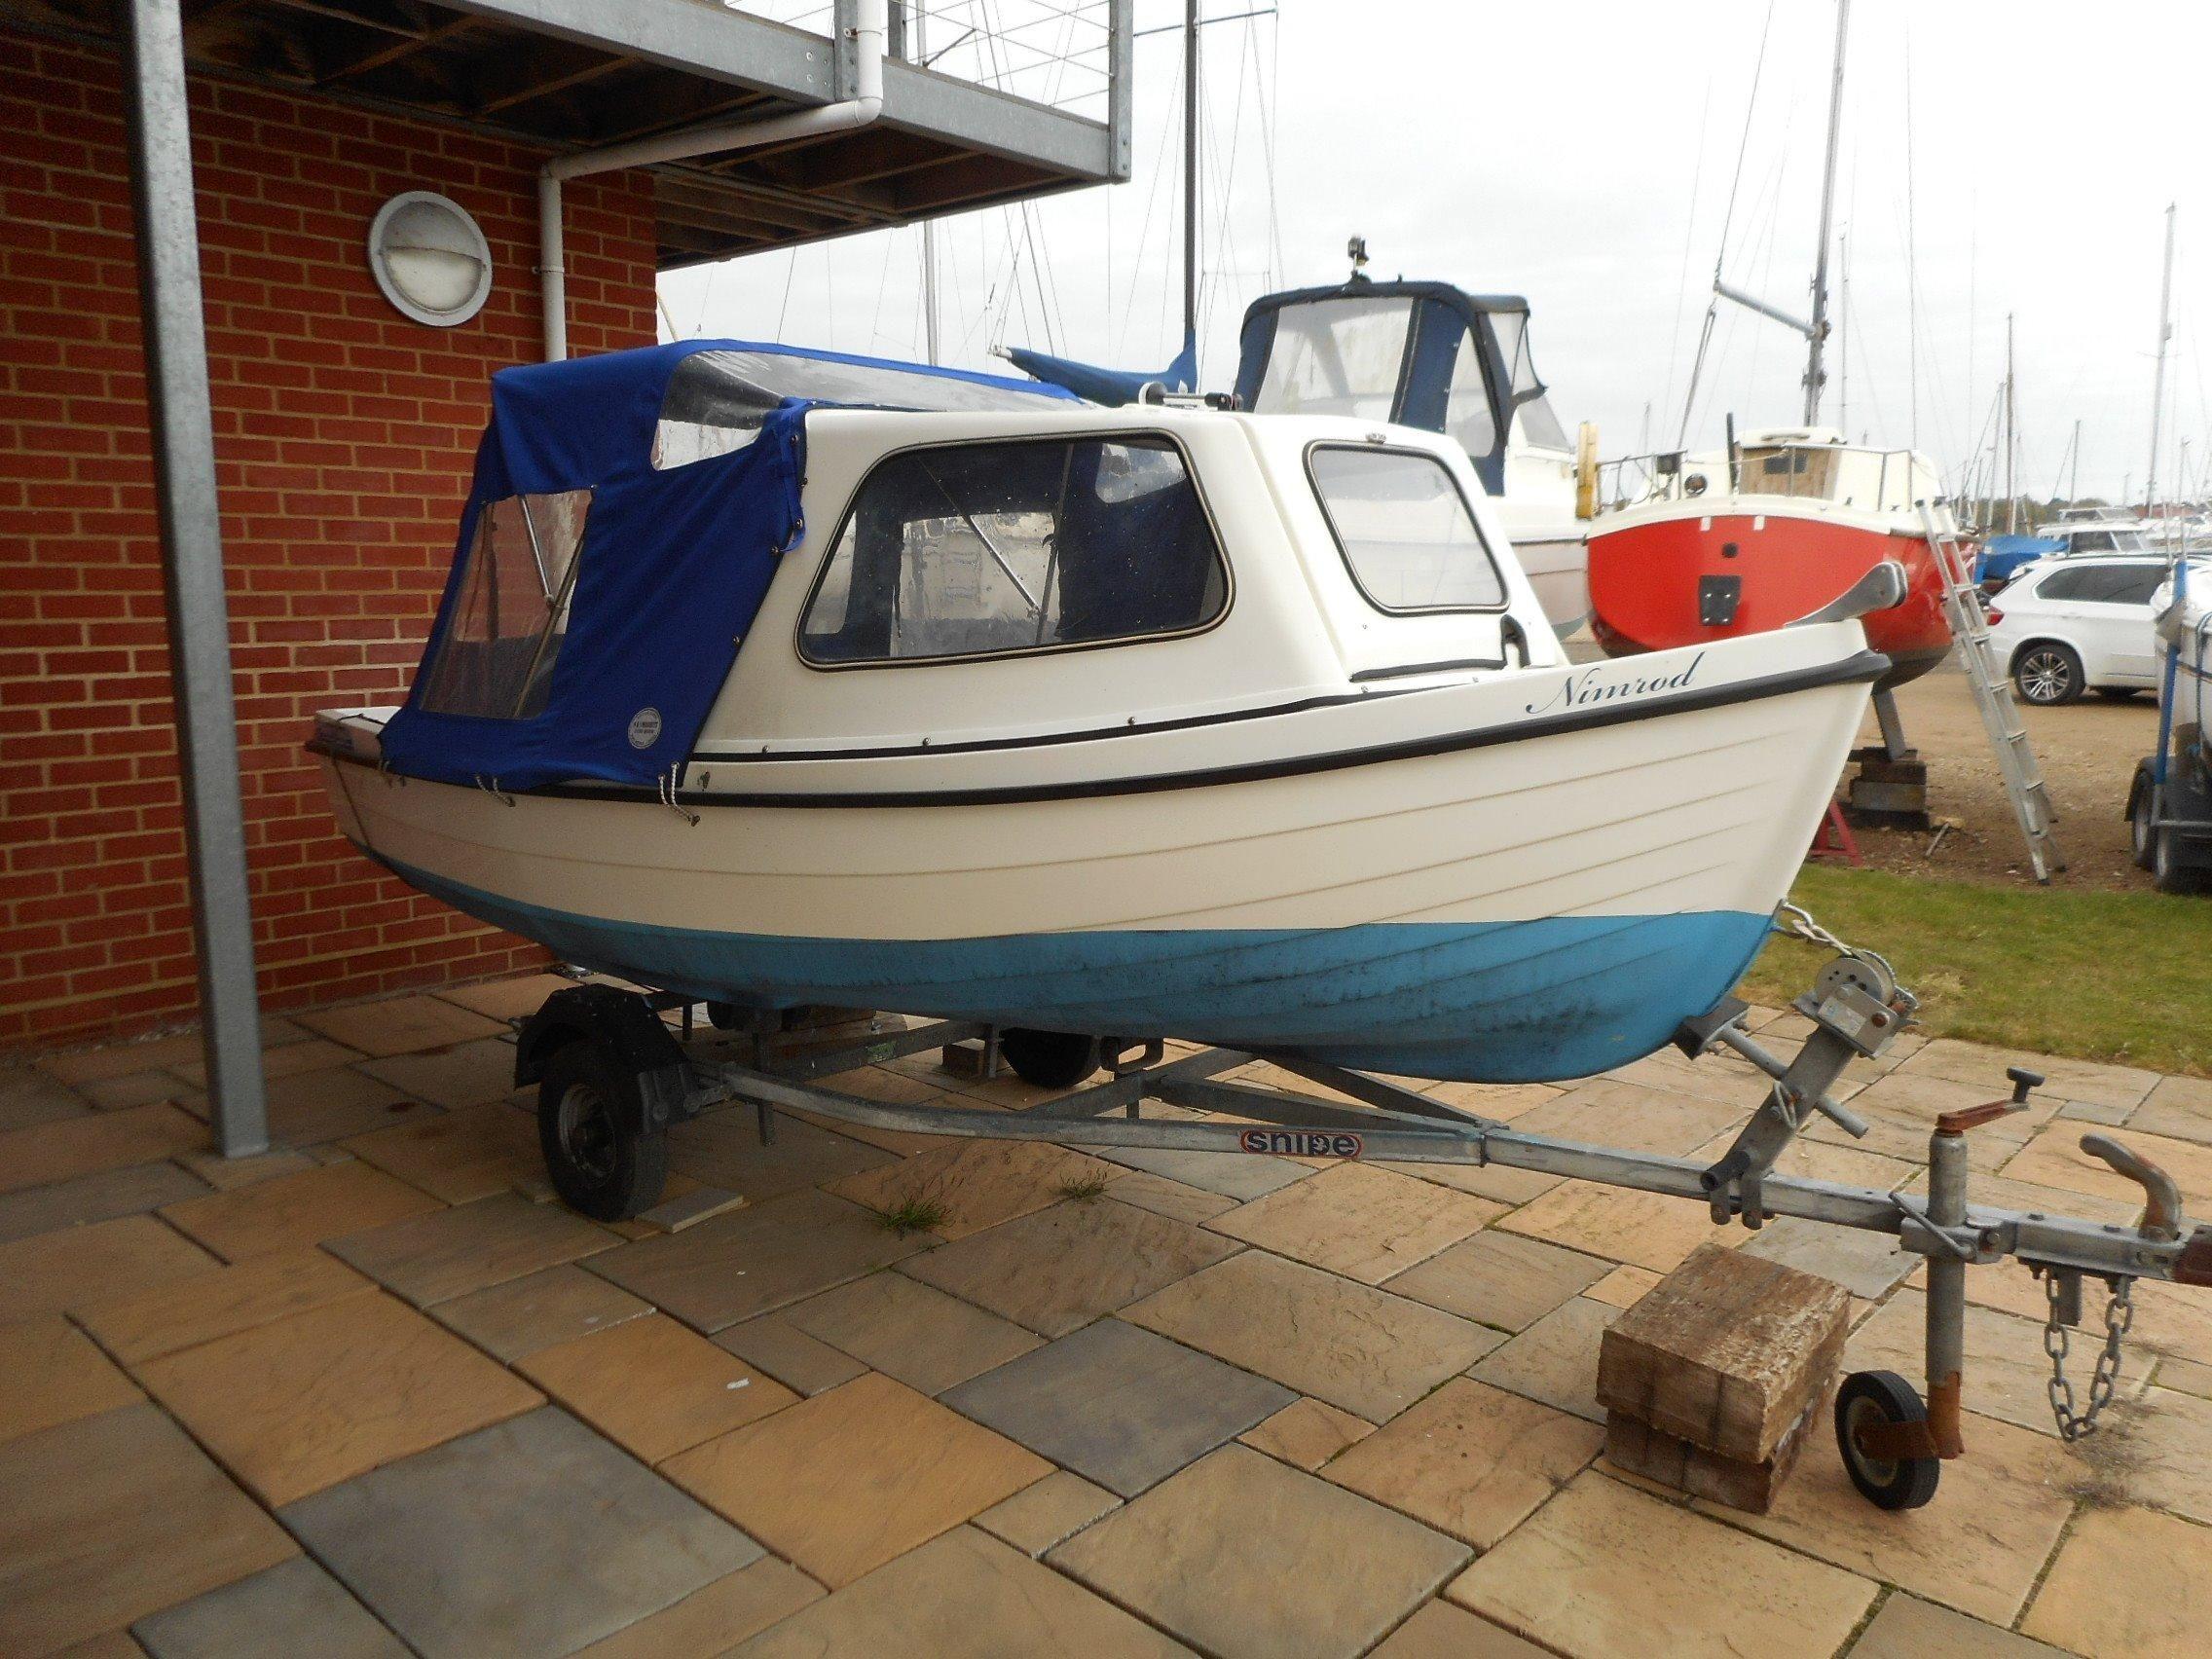 2000 orkney spinner 13 moteur bateau vendre www. Black Bedroom Furniture Sets. Home Design Ideas